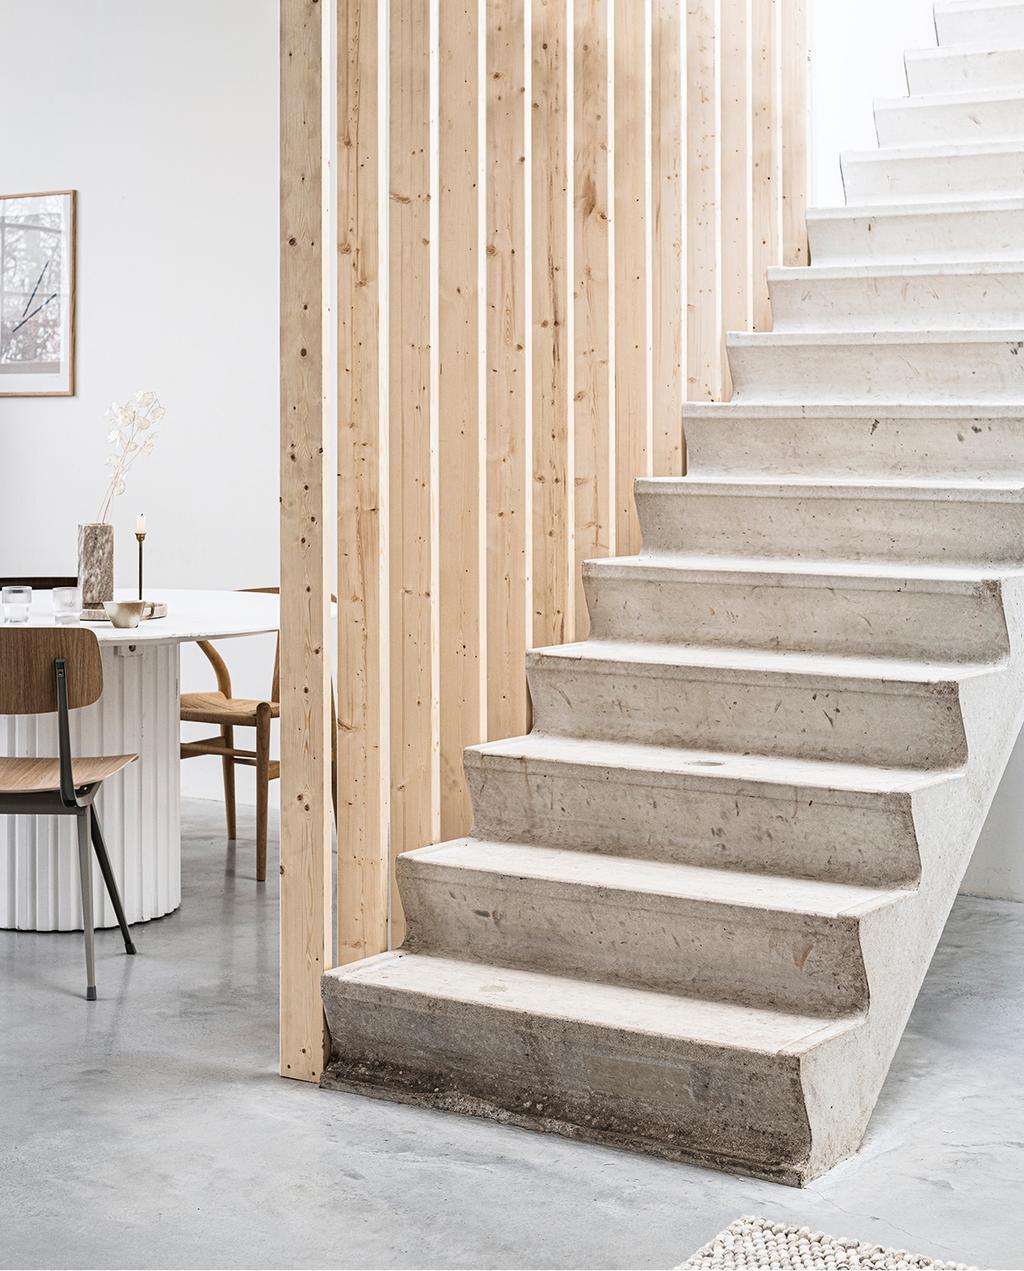 vtwonen 2020 DIY special 01 | room divider van hout grenst aan eethoek